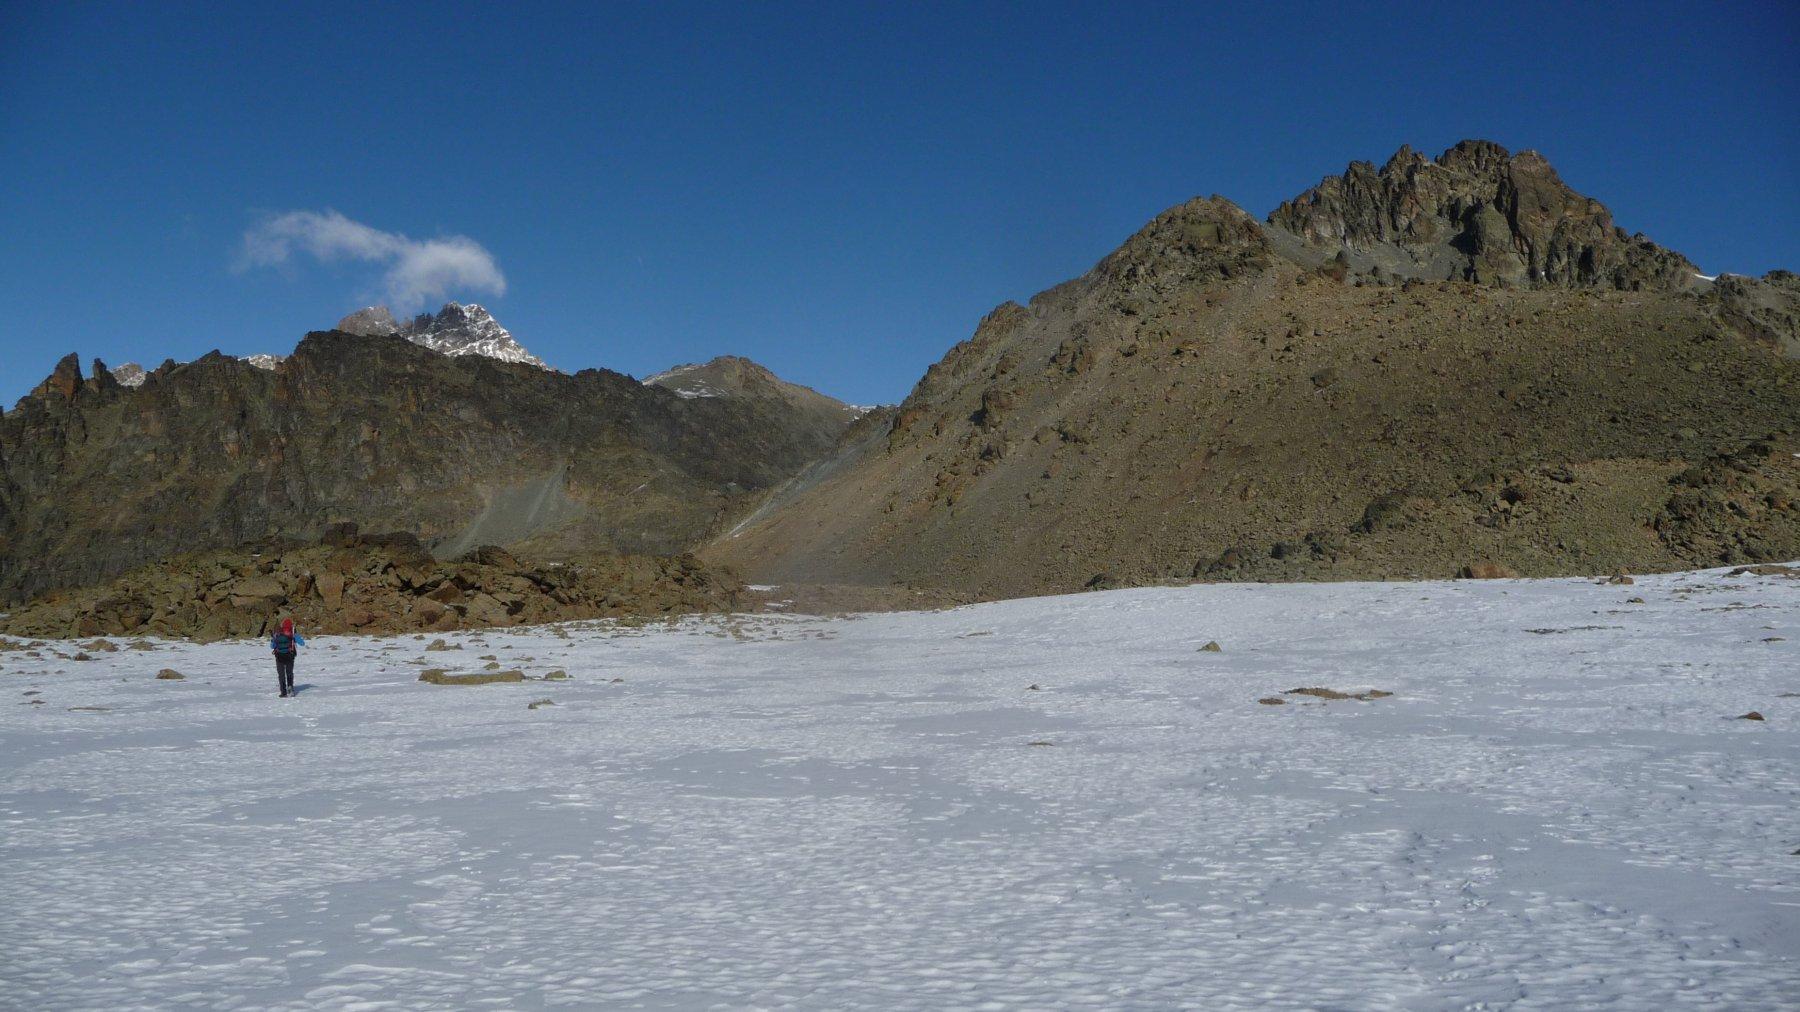 nel valloncello innevato tra le due cime: in secono piano a sinistra il Viso a destra le Lobbie